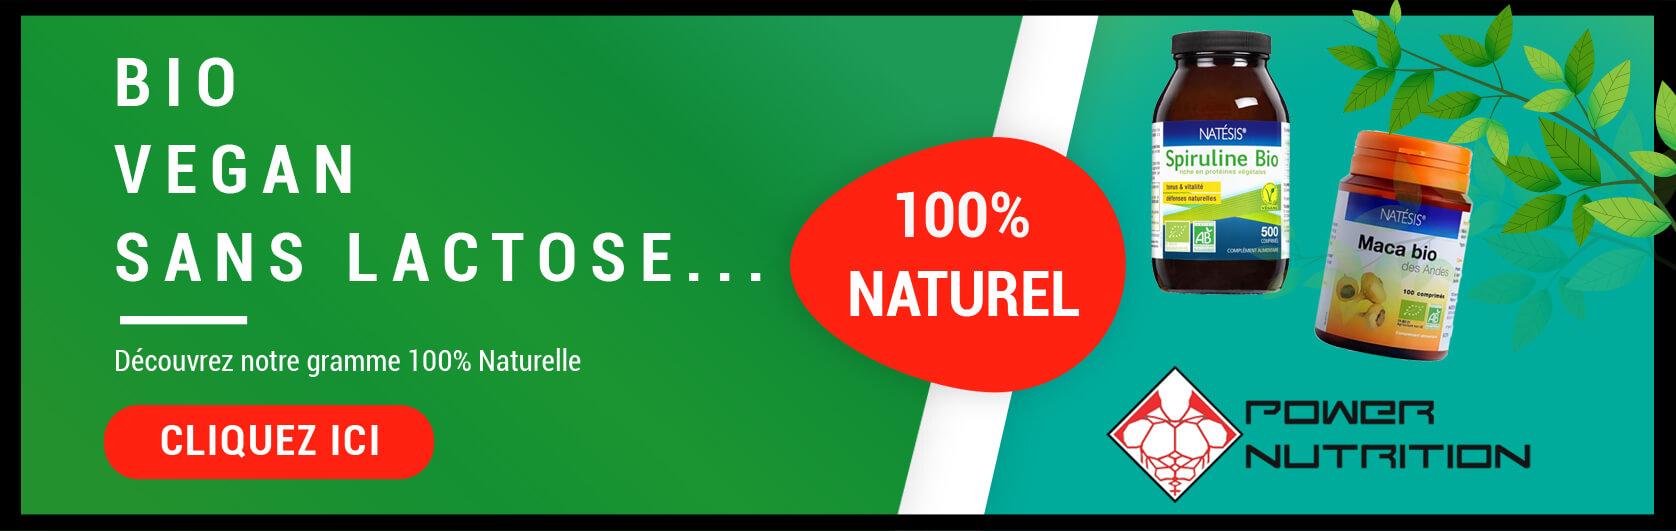 Bannière 100% Naturel